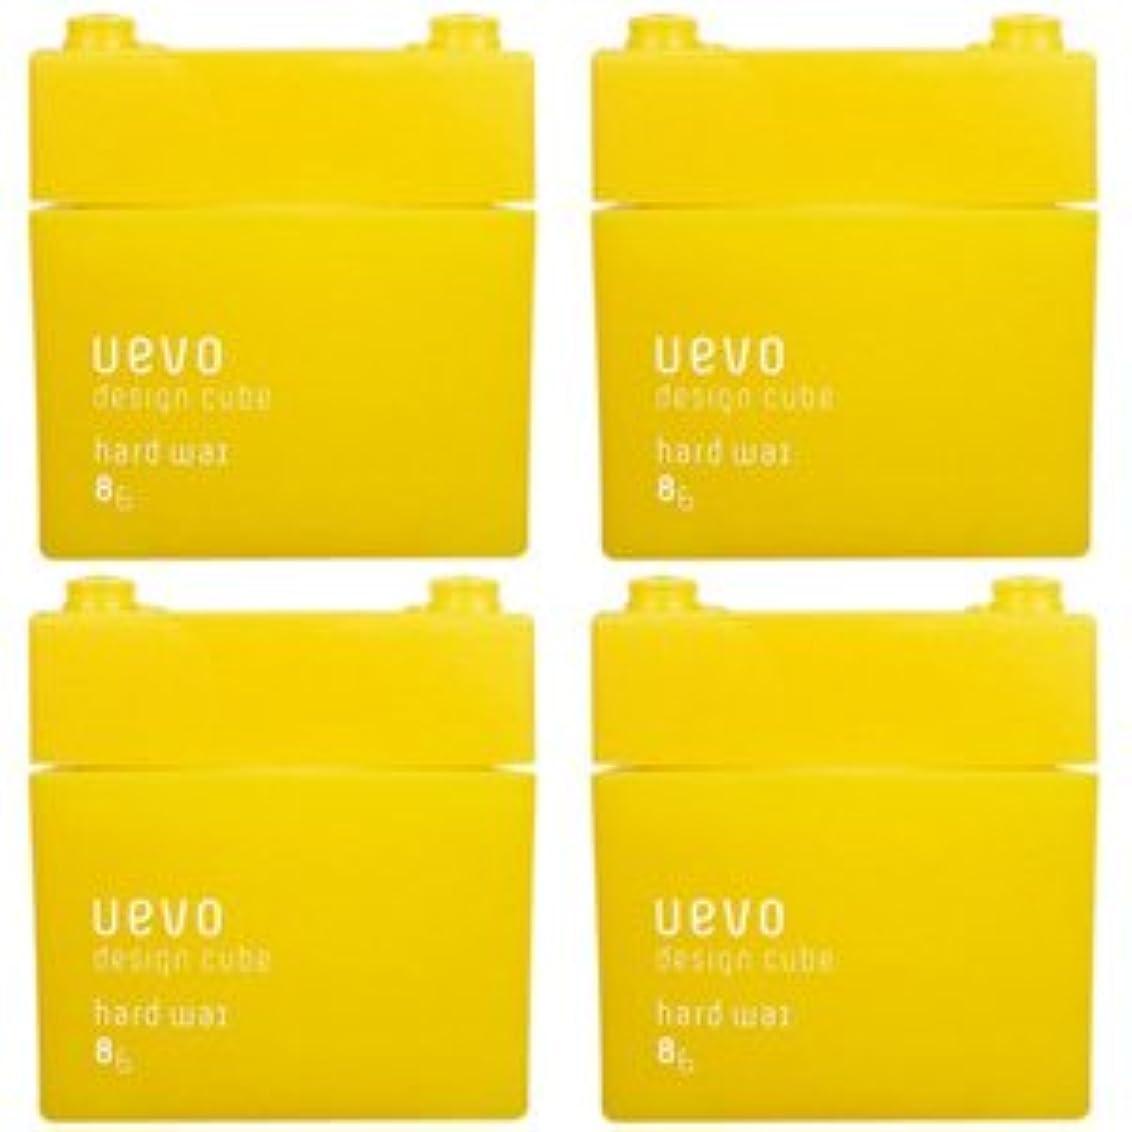 恐ろしいアンデス山脈聡明【X4個セット】 デミ ウェーボ デザインキューブ ハードワックス 80g hard wax DEMI uevo design cube